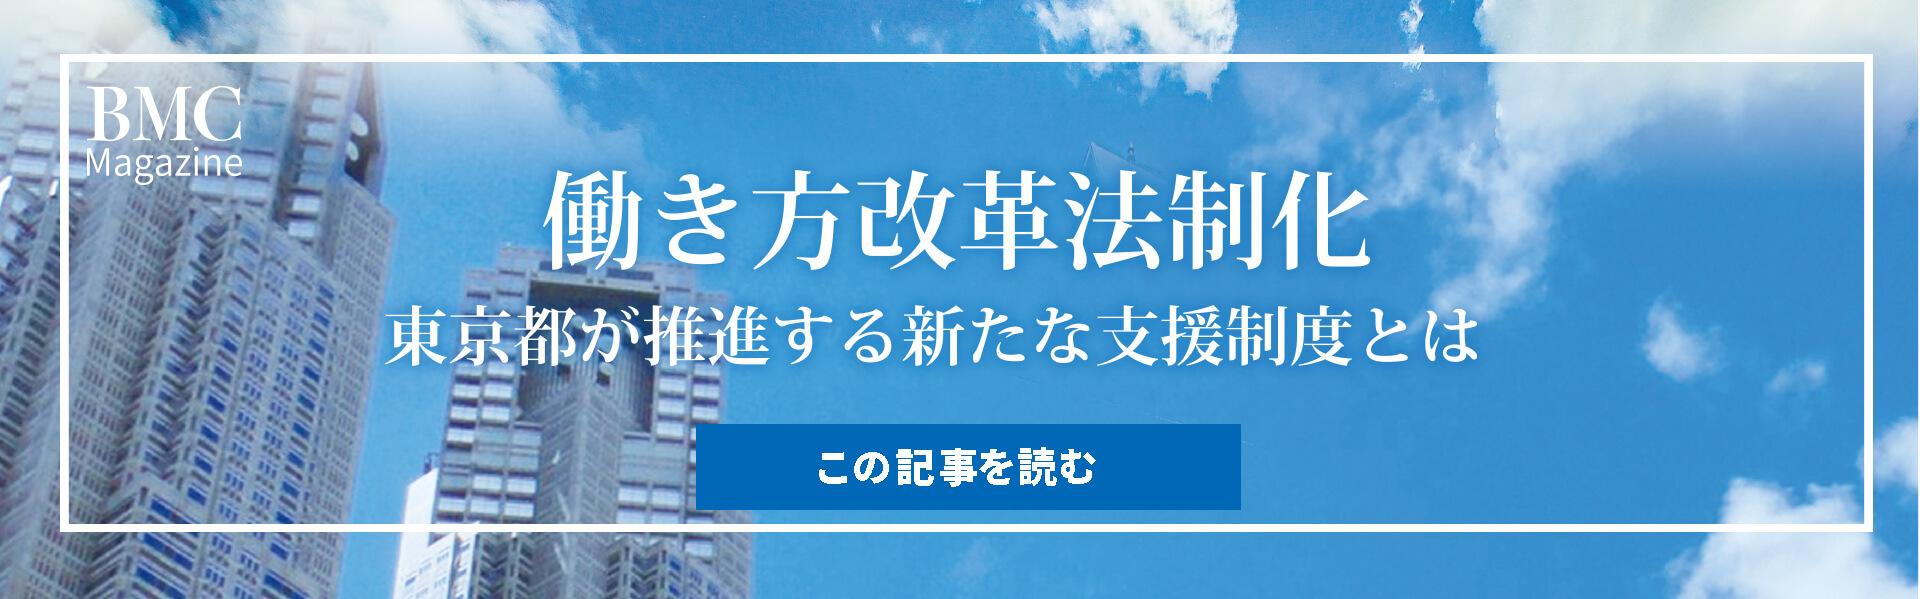 働き方改革法制化 東京都が推進する新たな支援制度とは